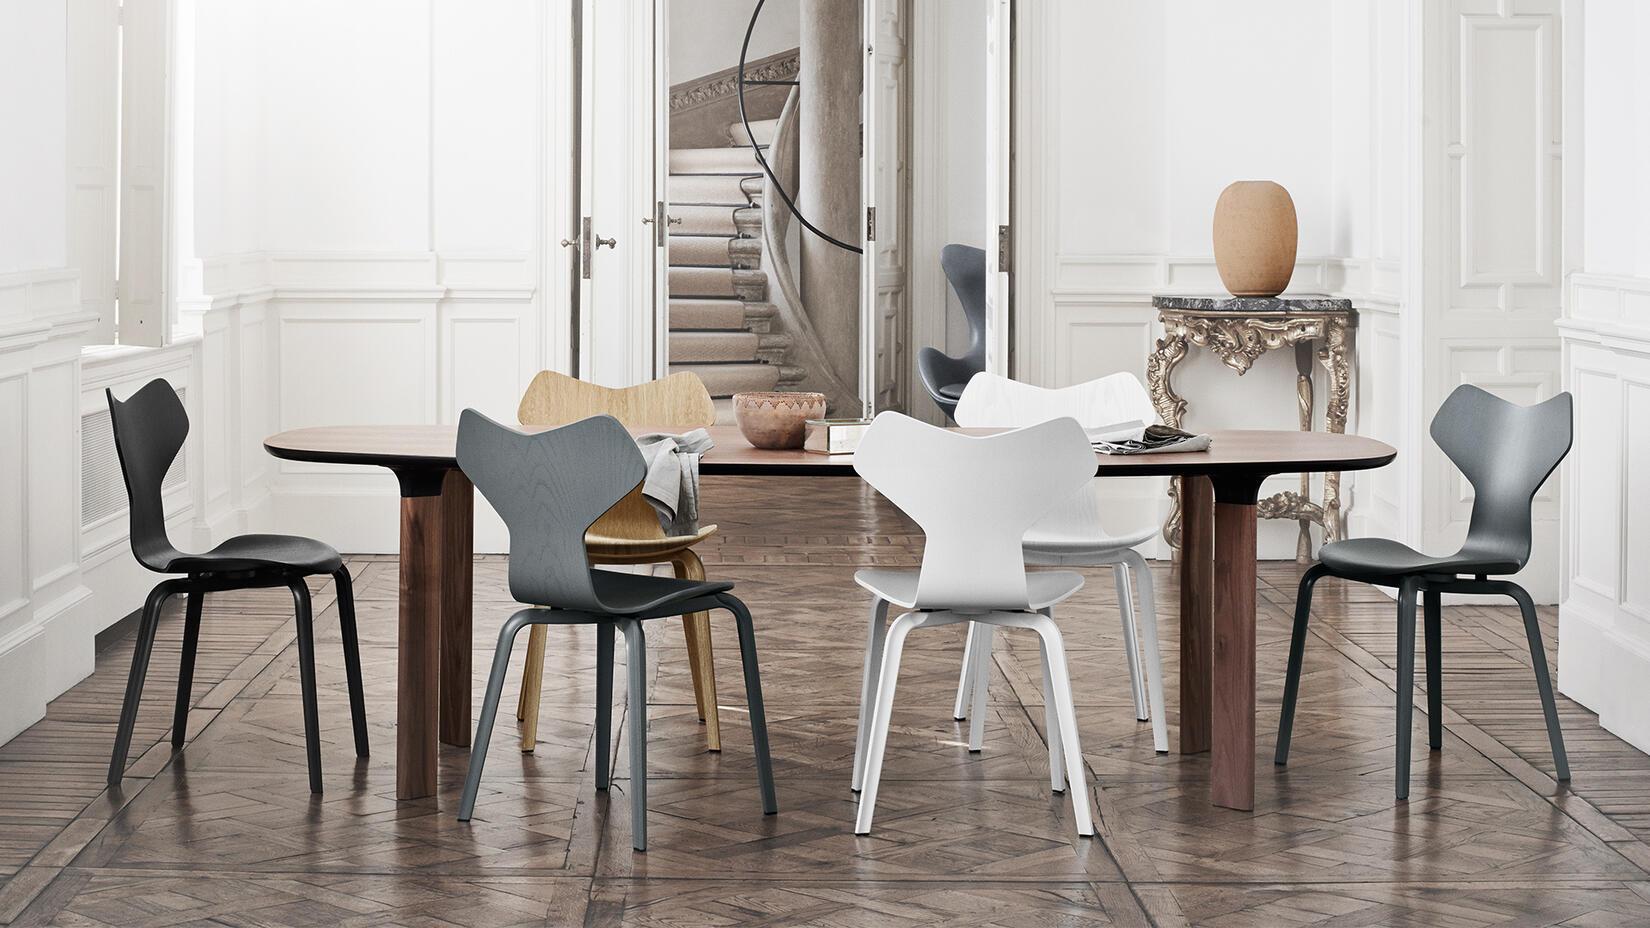 grand prix av arne jacobsen olsson gerthel. Black Bedroom Furniture Sets. Home Design Ideas